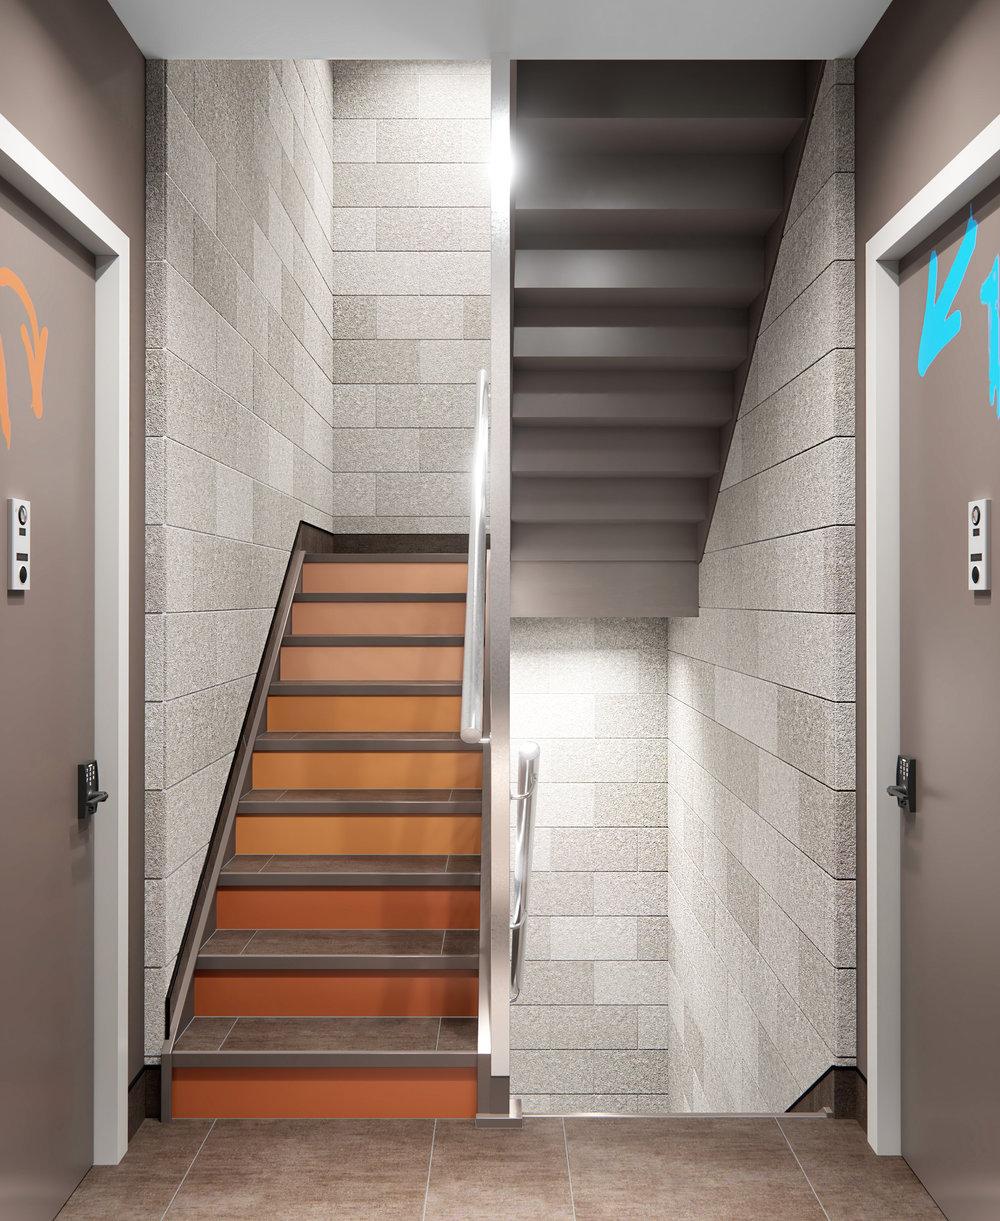 10_Stanhope_St_147_Bk_Stair_Rendering_5_7.20.2017.jpg